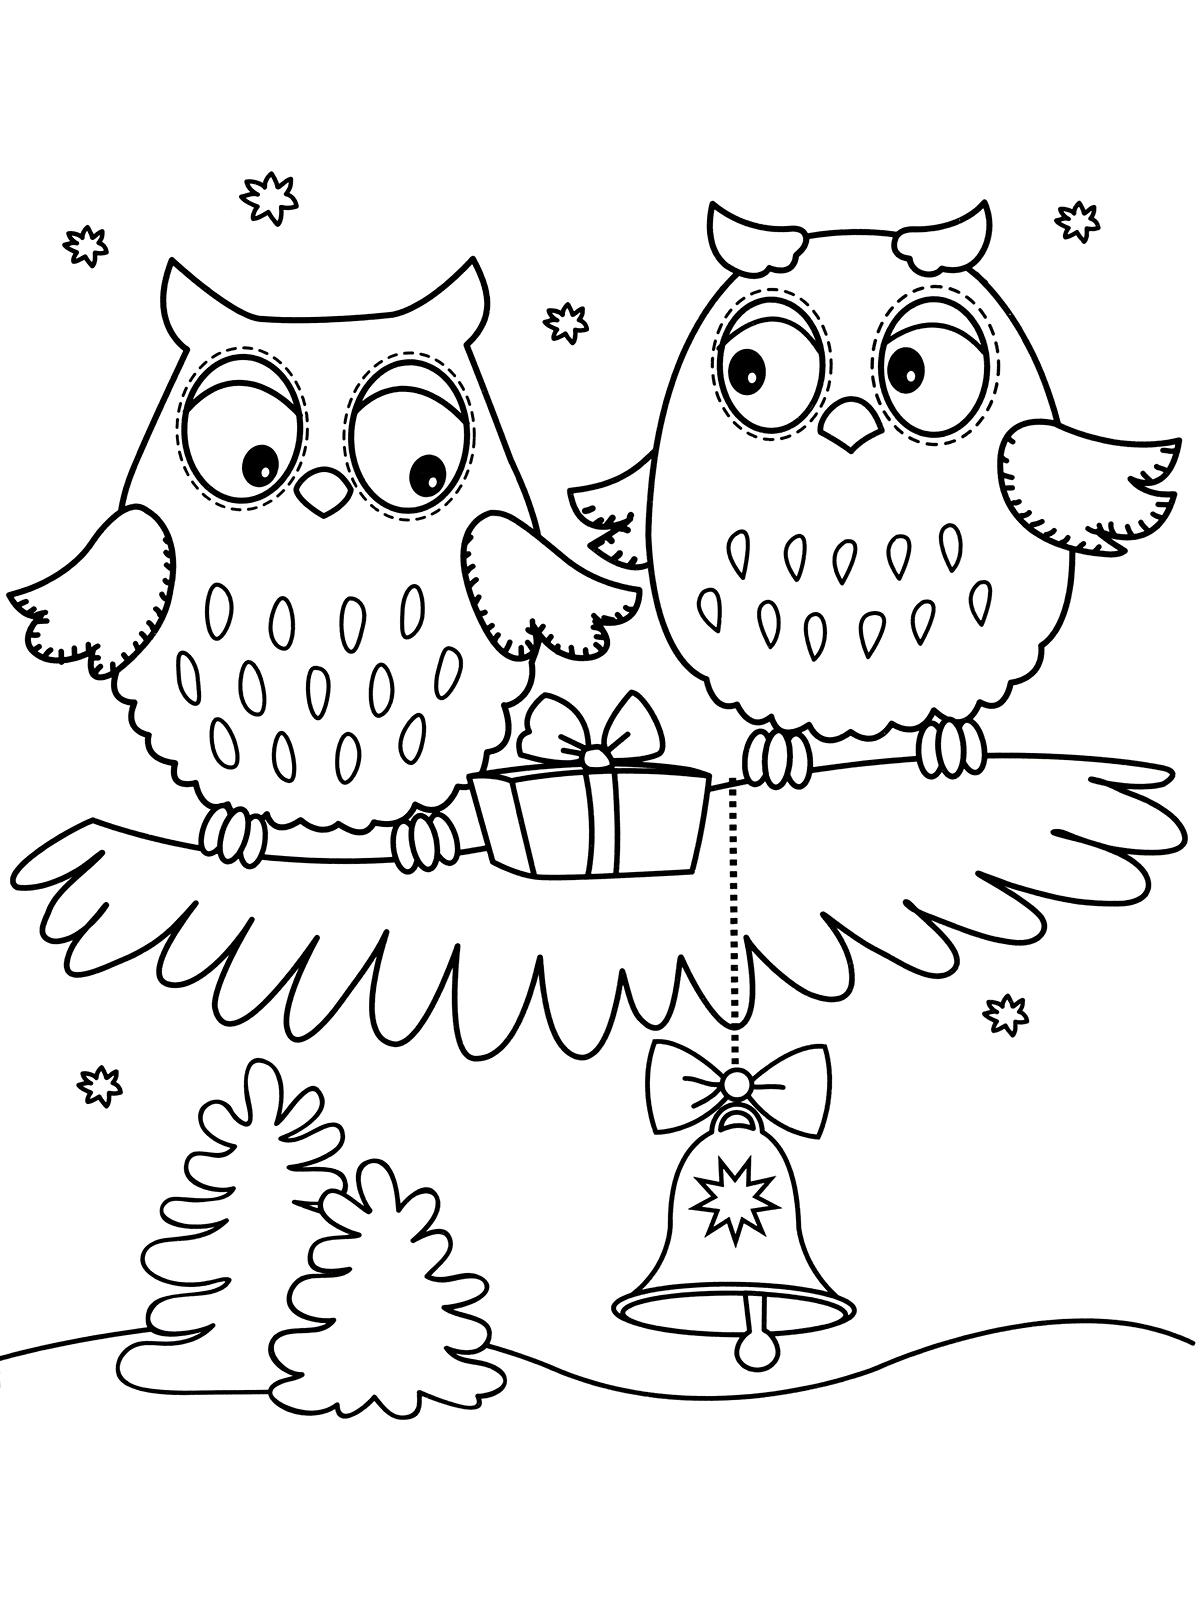 Раскраска Совёнок дарит подарок сове